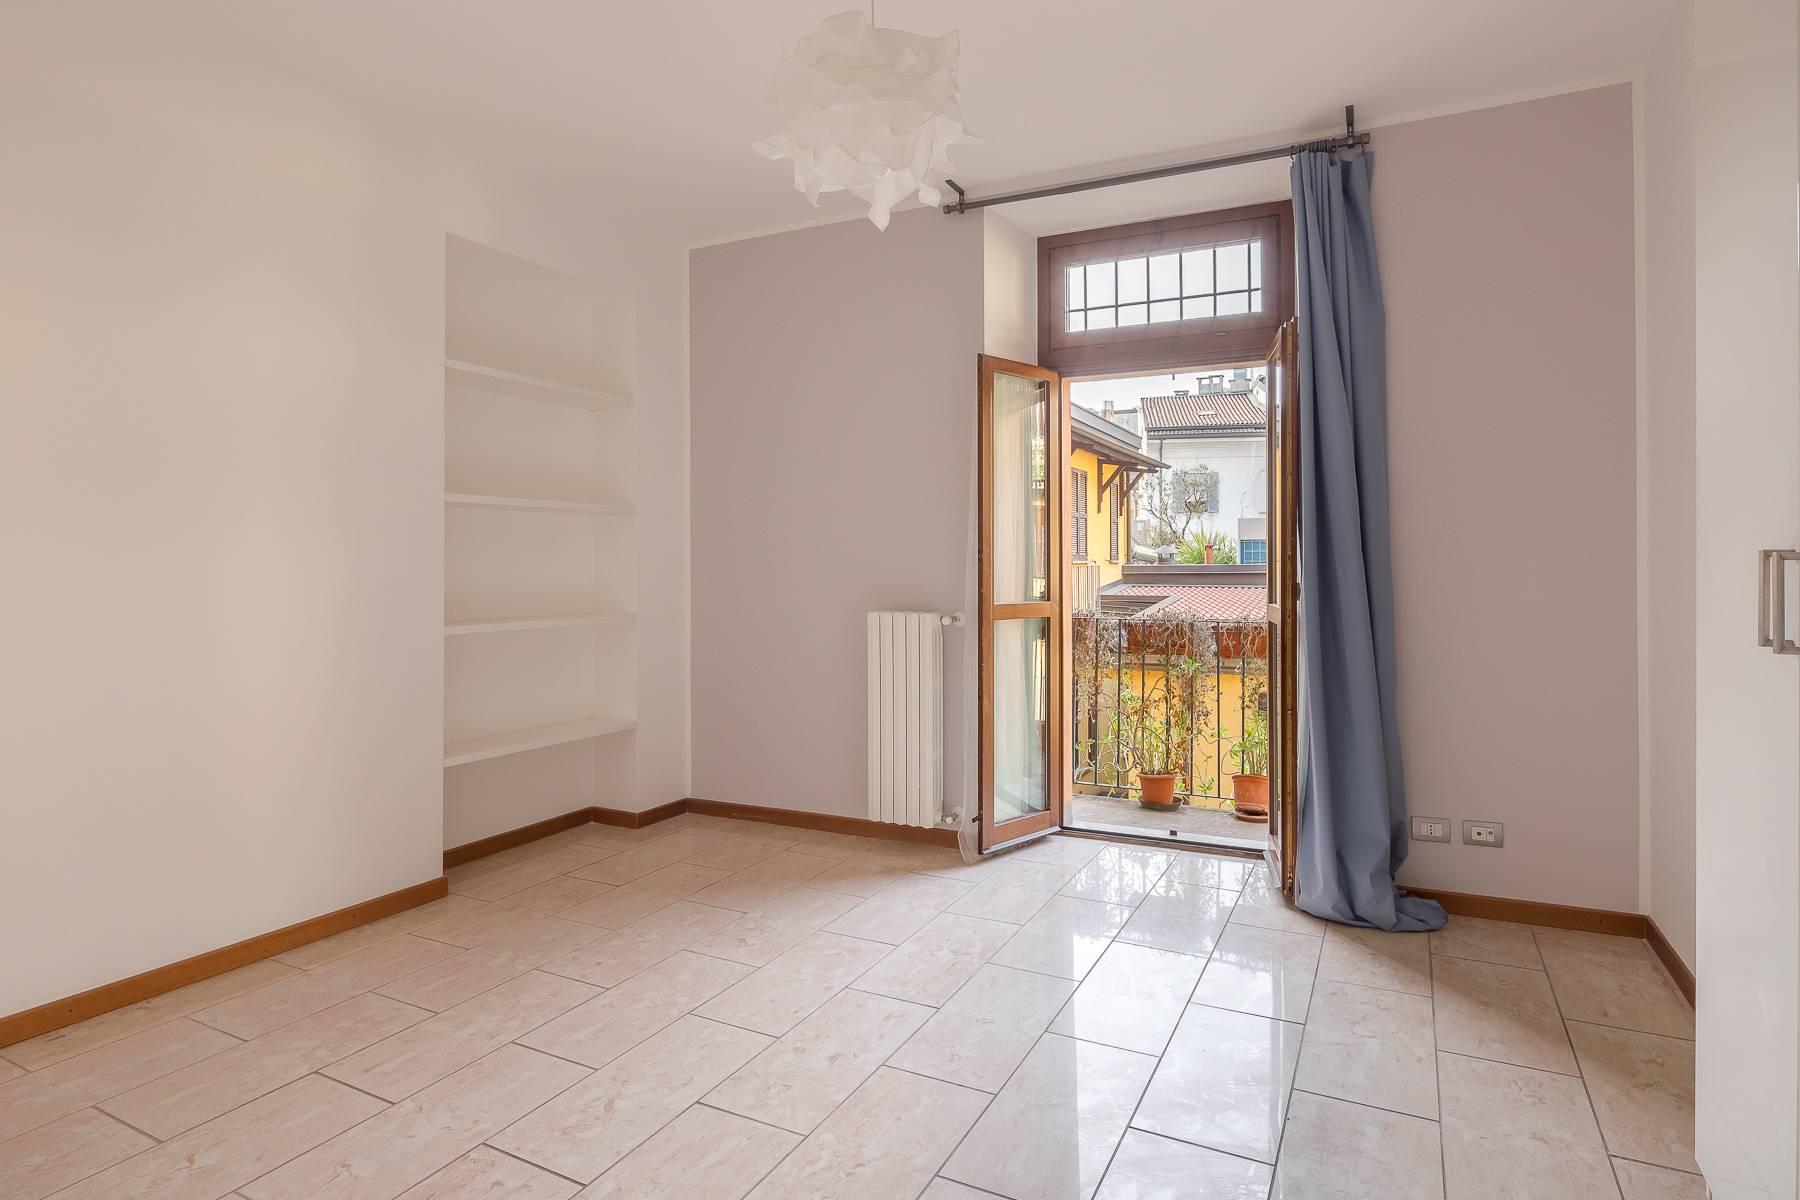 Appartamento in Affitto a Milano: 4 locali, 120 mq - Foto 18